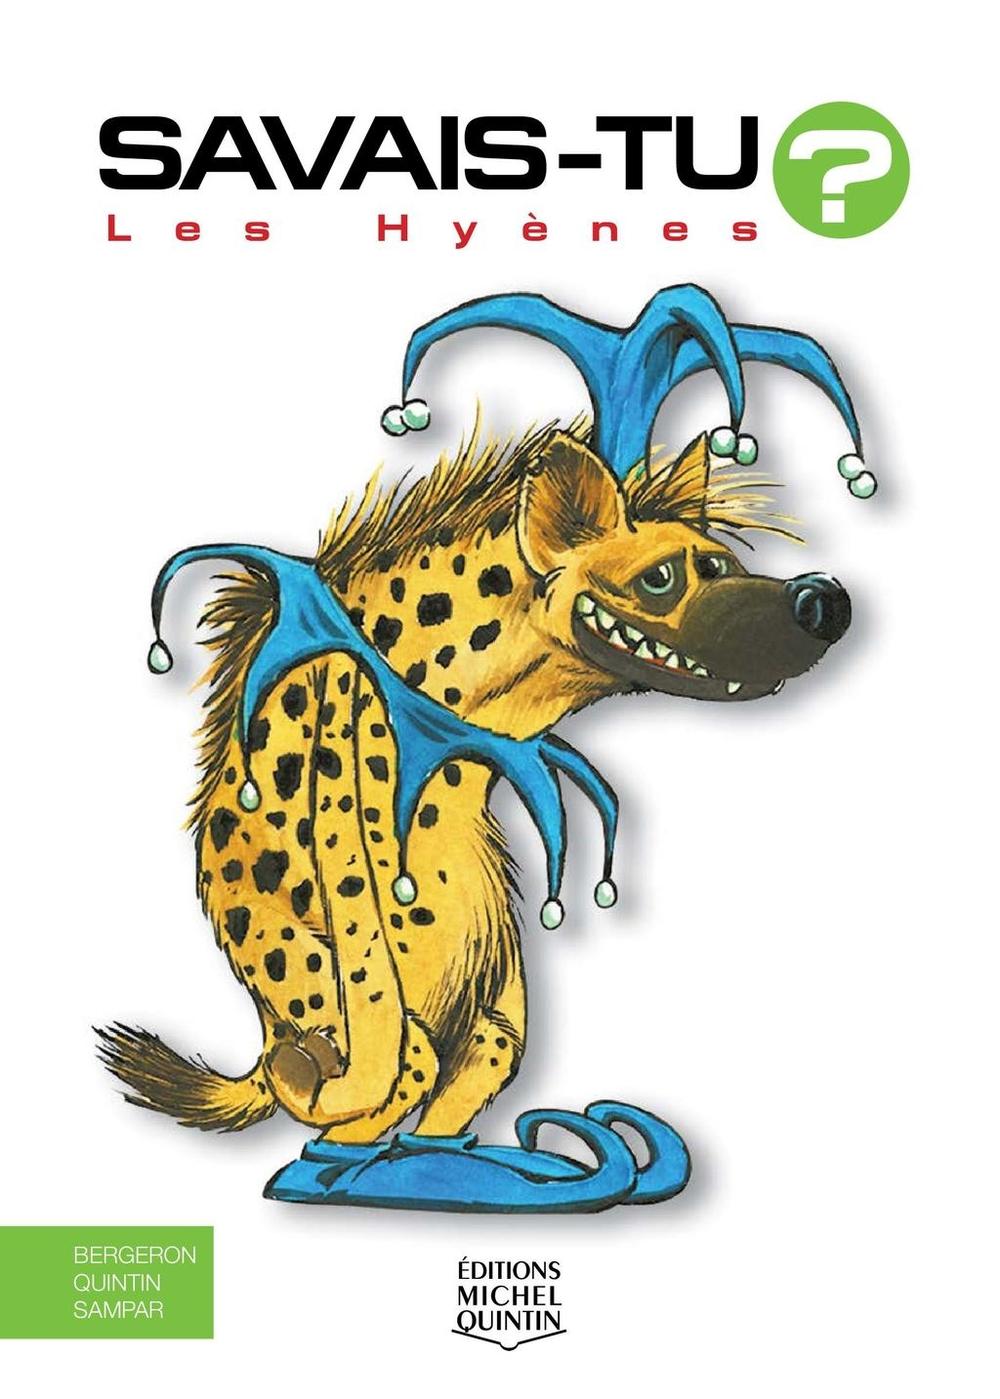 Savais-tu? - En couleurs 14 - Les Hyènes